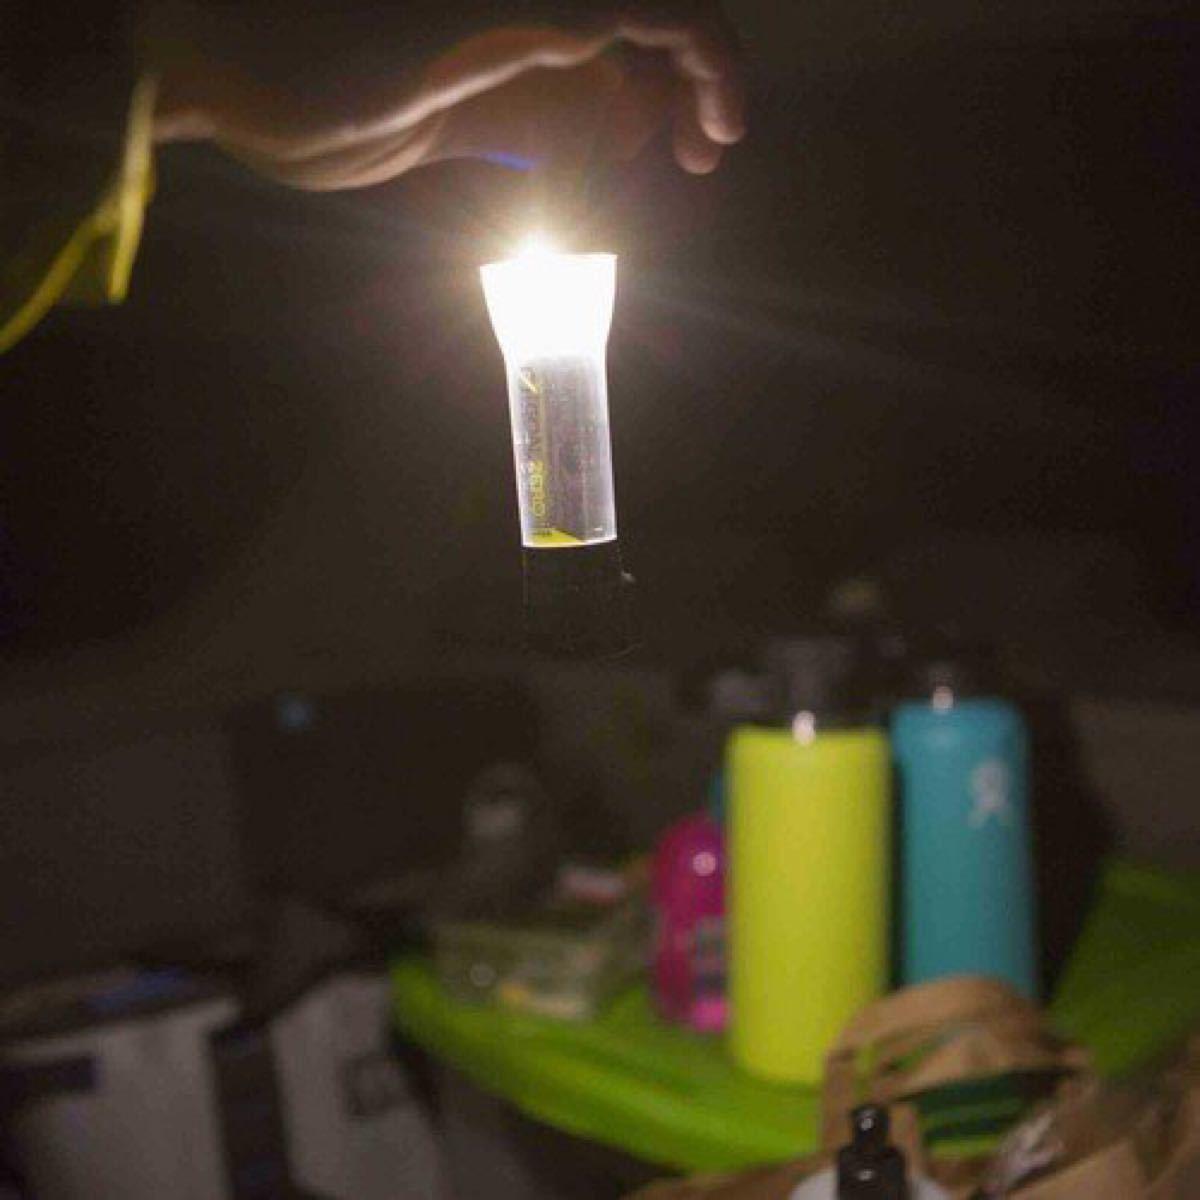 価格相談可能【新品未使用・2個セット・送料無料】ゴールゼロ ライトハウス マイクロ チャージ USB充電式LED